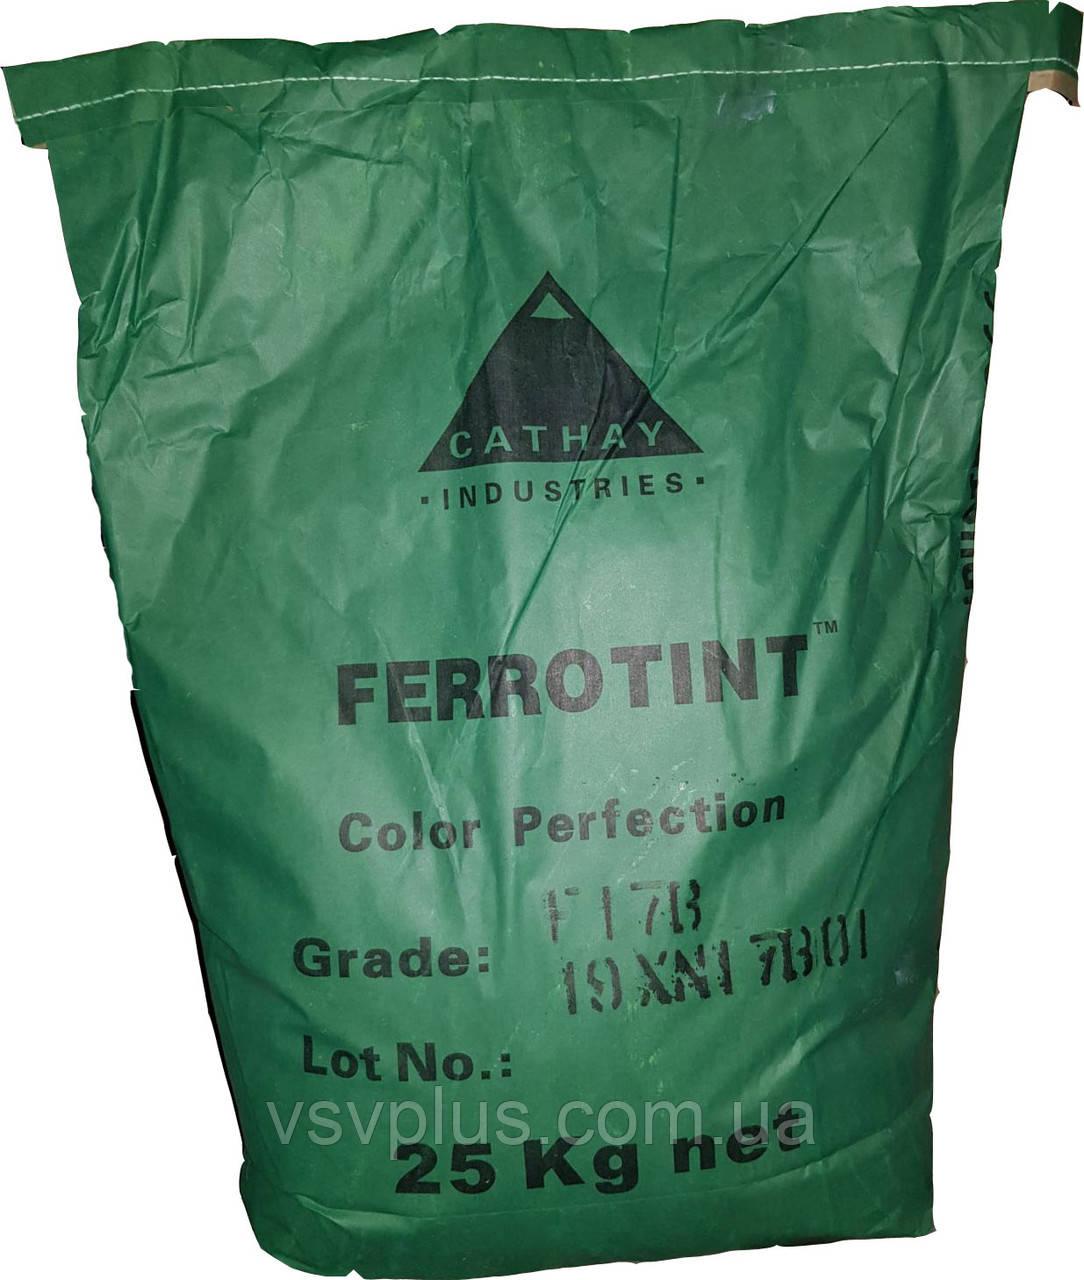 Пігмент окис хрому зелений FERROTINT F 17 B сухий Китаю 25 кг